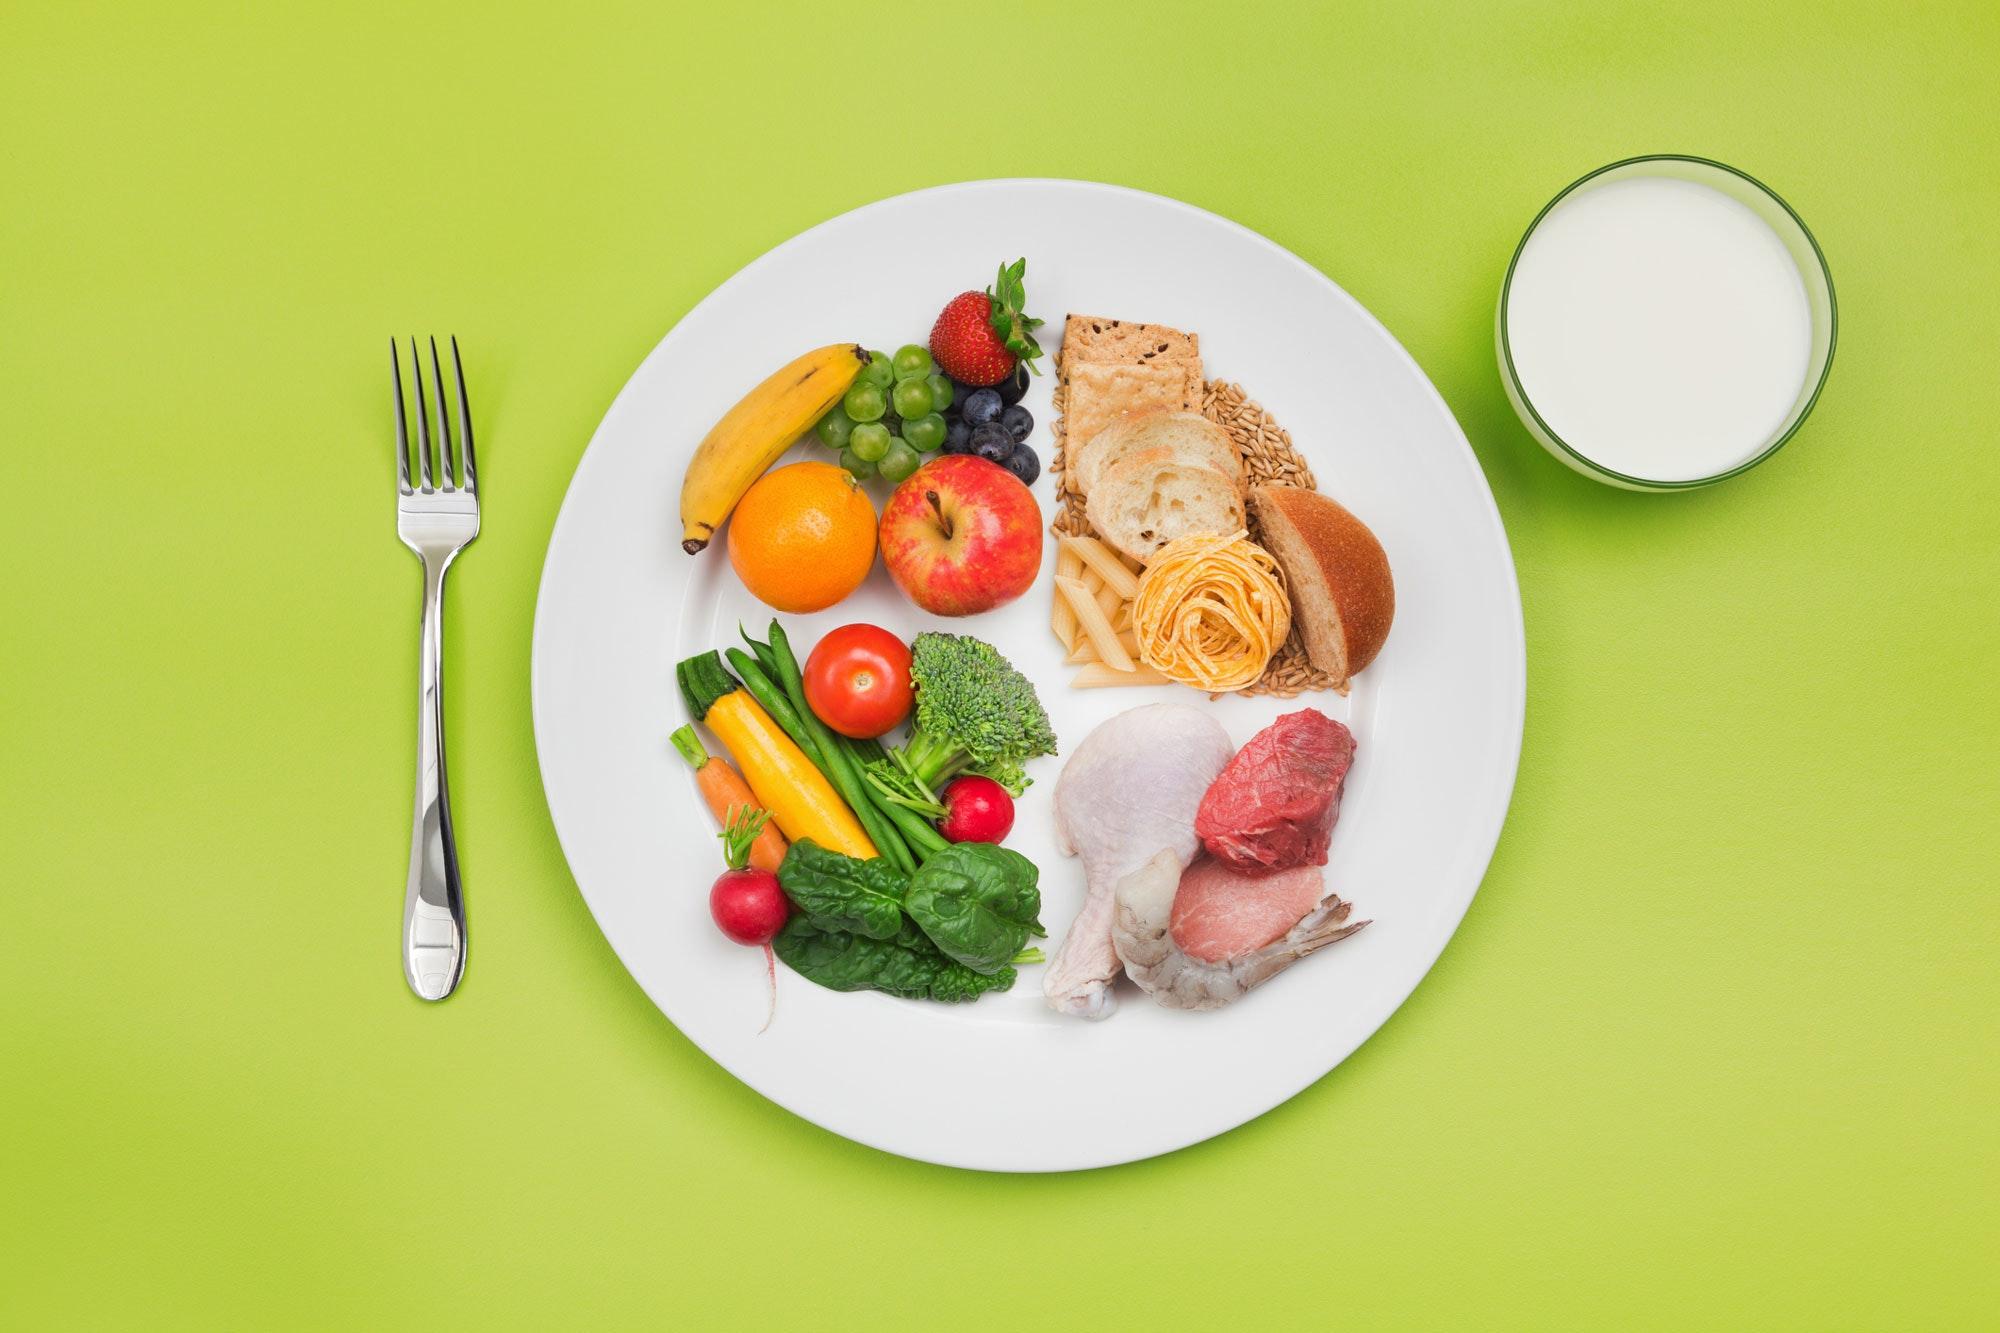 importanza dei cereali nella dieta umana